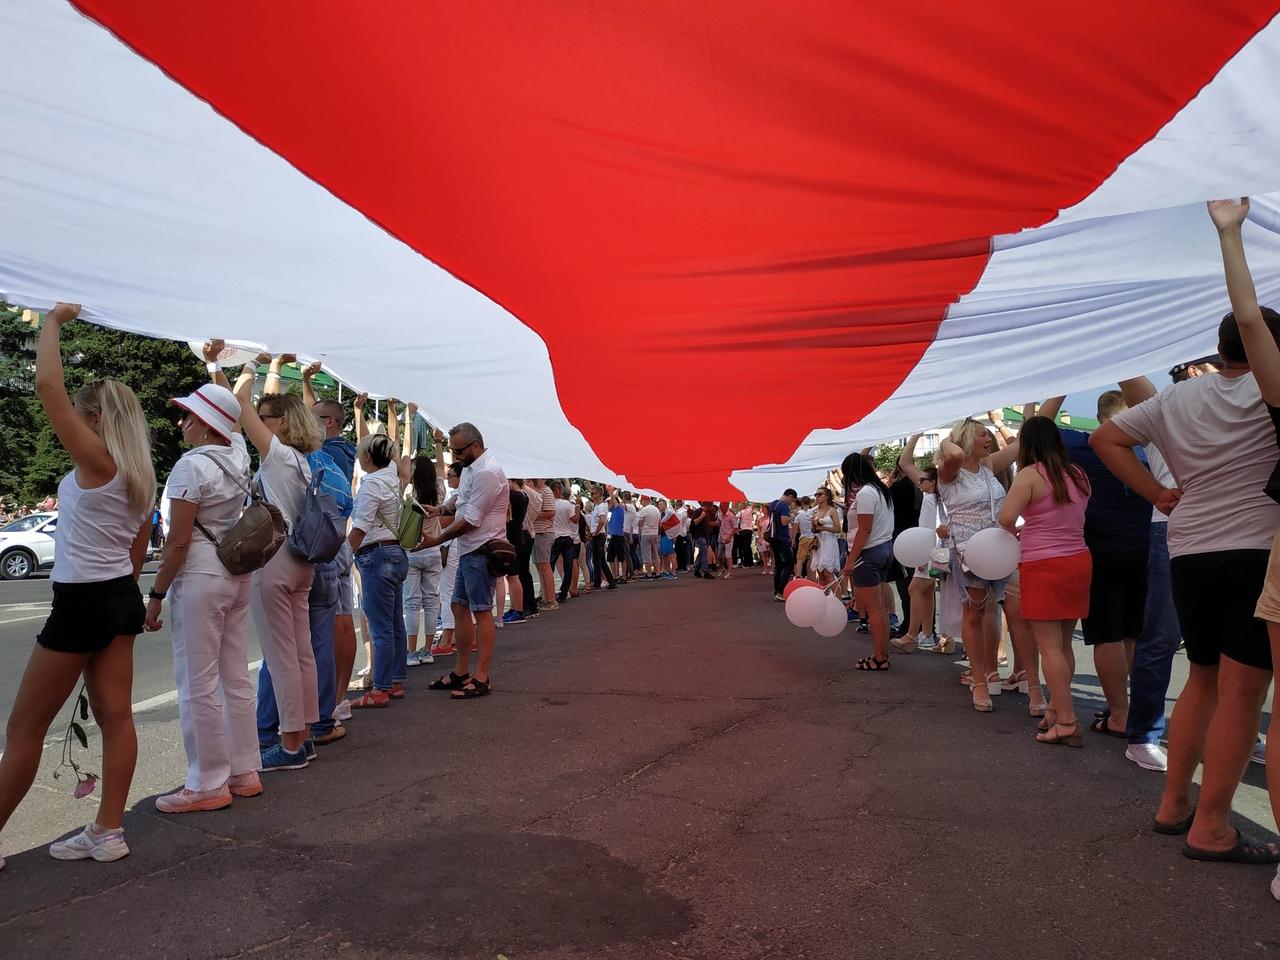 Акция против насилия и фальсификаций на выборах, которая состоялась 16 августа, стала самой массовой за все время протестов в Барановичах. Фото: Intex-press